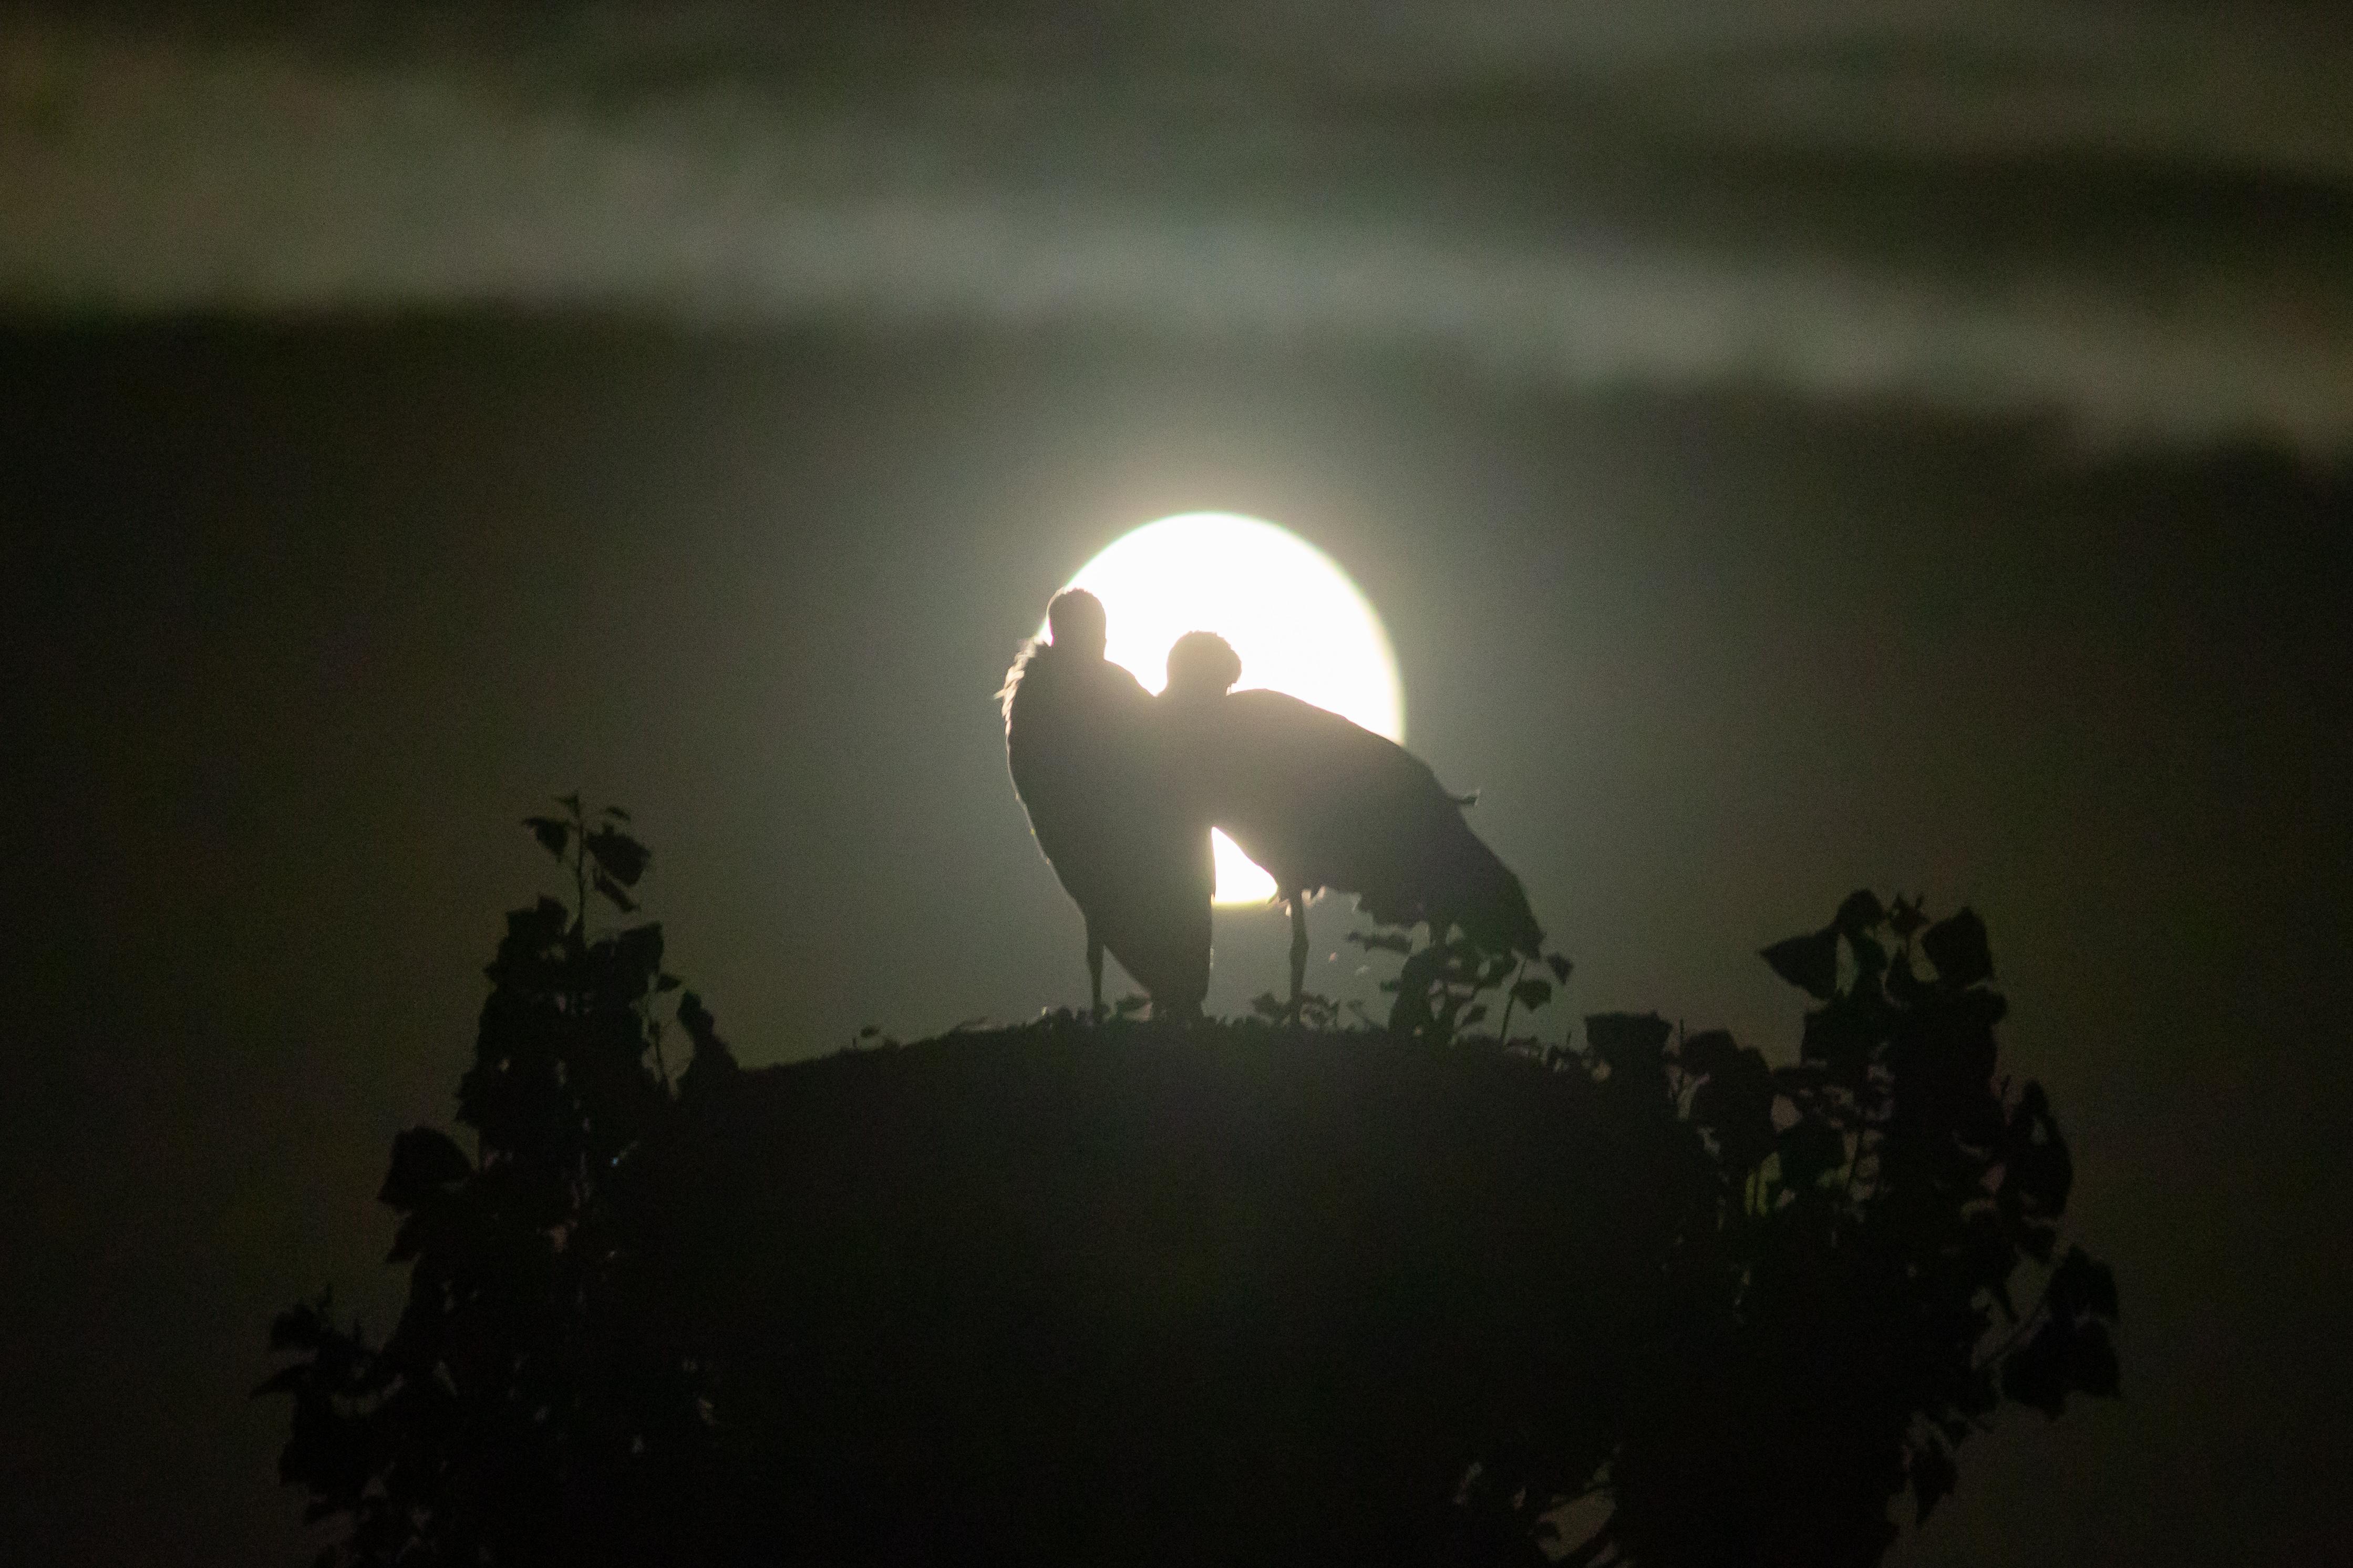 Liefde bij maanlicht; nog even genieten van elkaar in een 'empty nest'